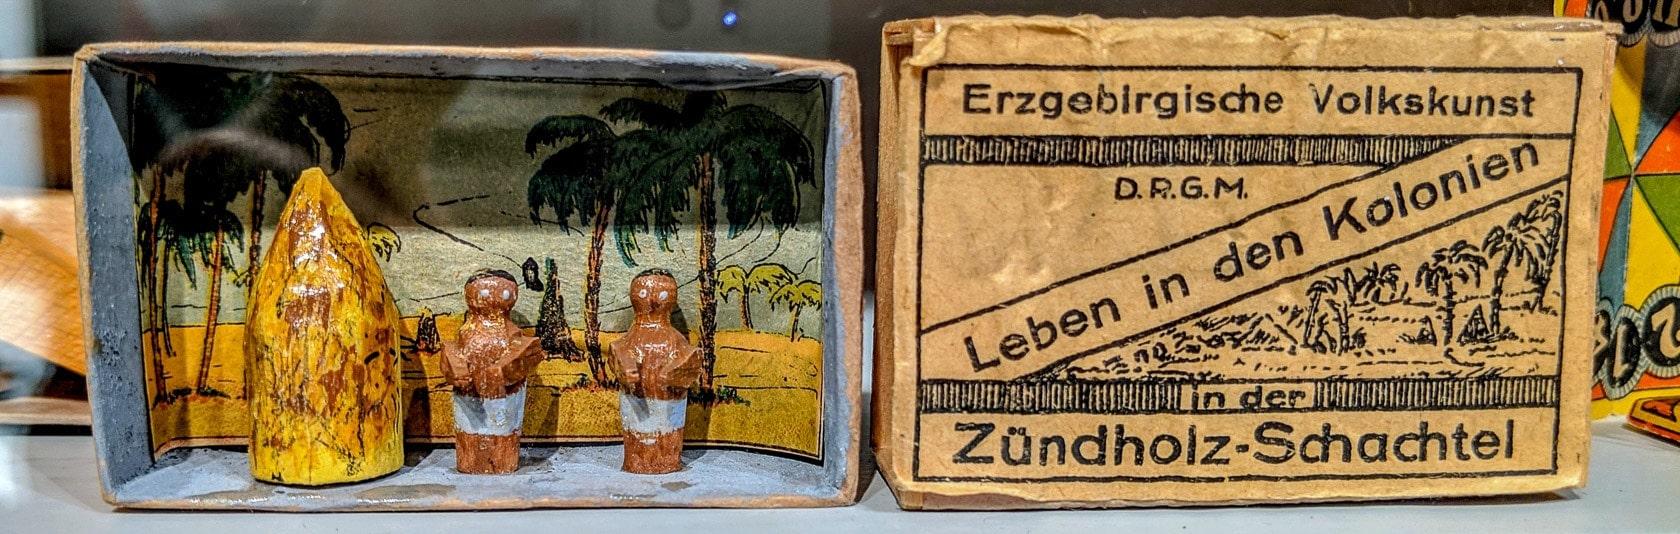 Seiffen im Erzgebirge